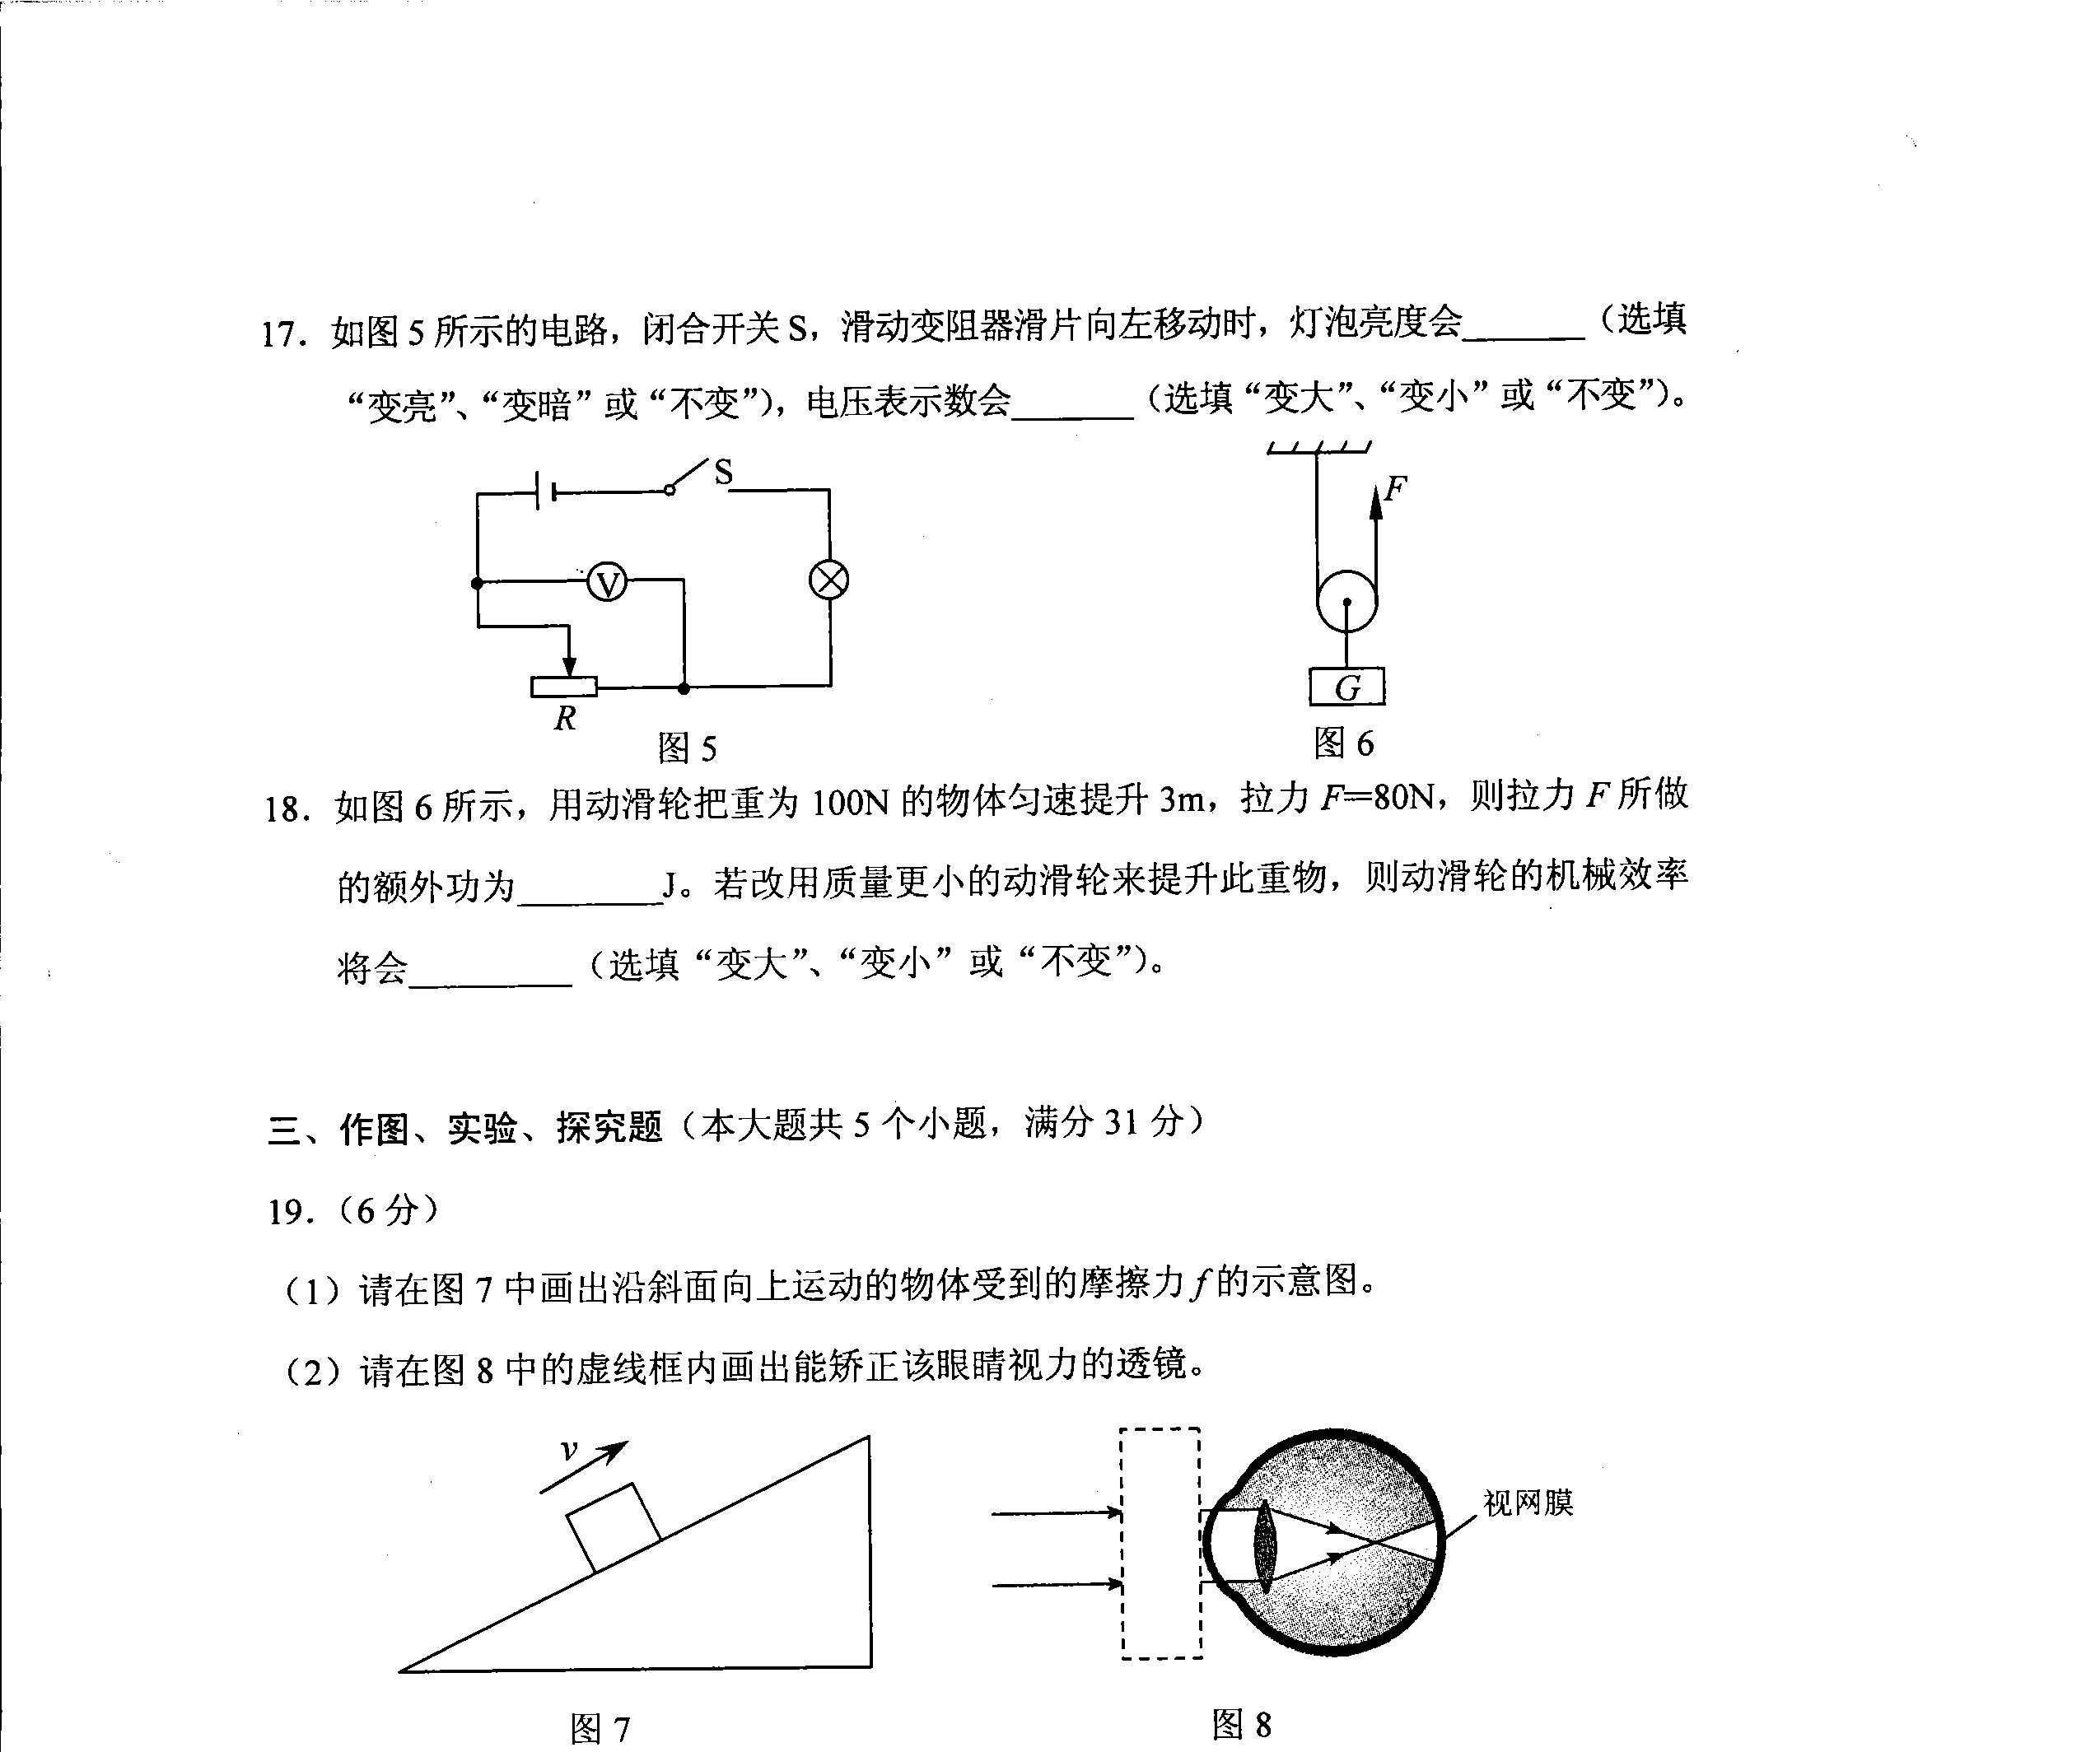 2014年云南省初中學業水平考試物理試題卷(沒有版)8頁暑假掃描初中生圖片